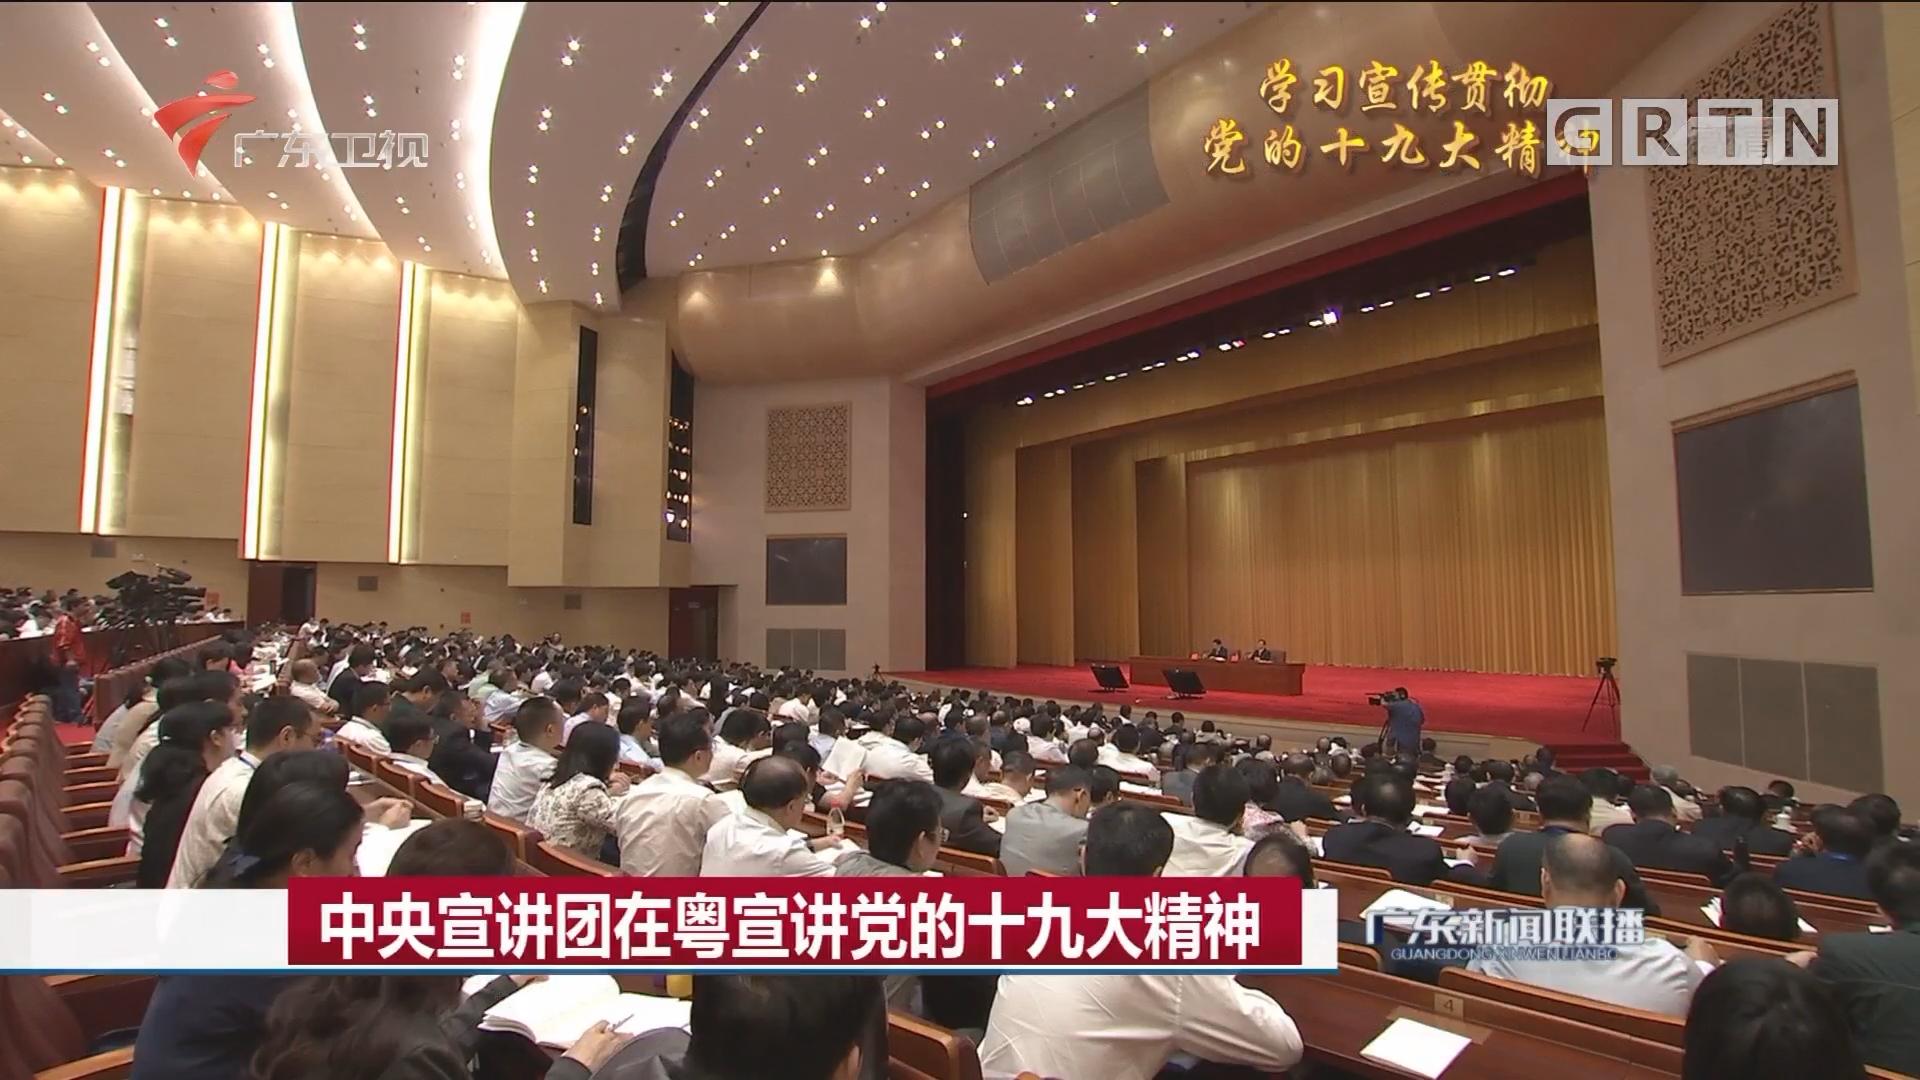 中央宣讲团在粤宣讲党的十九大精神